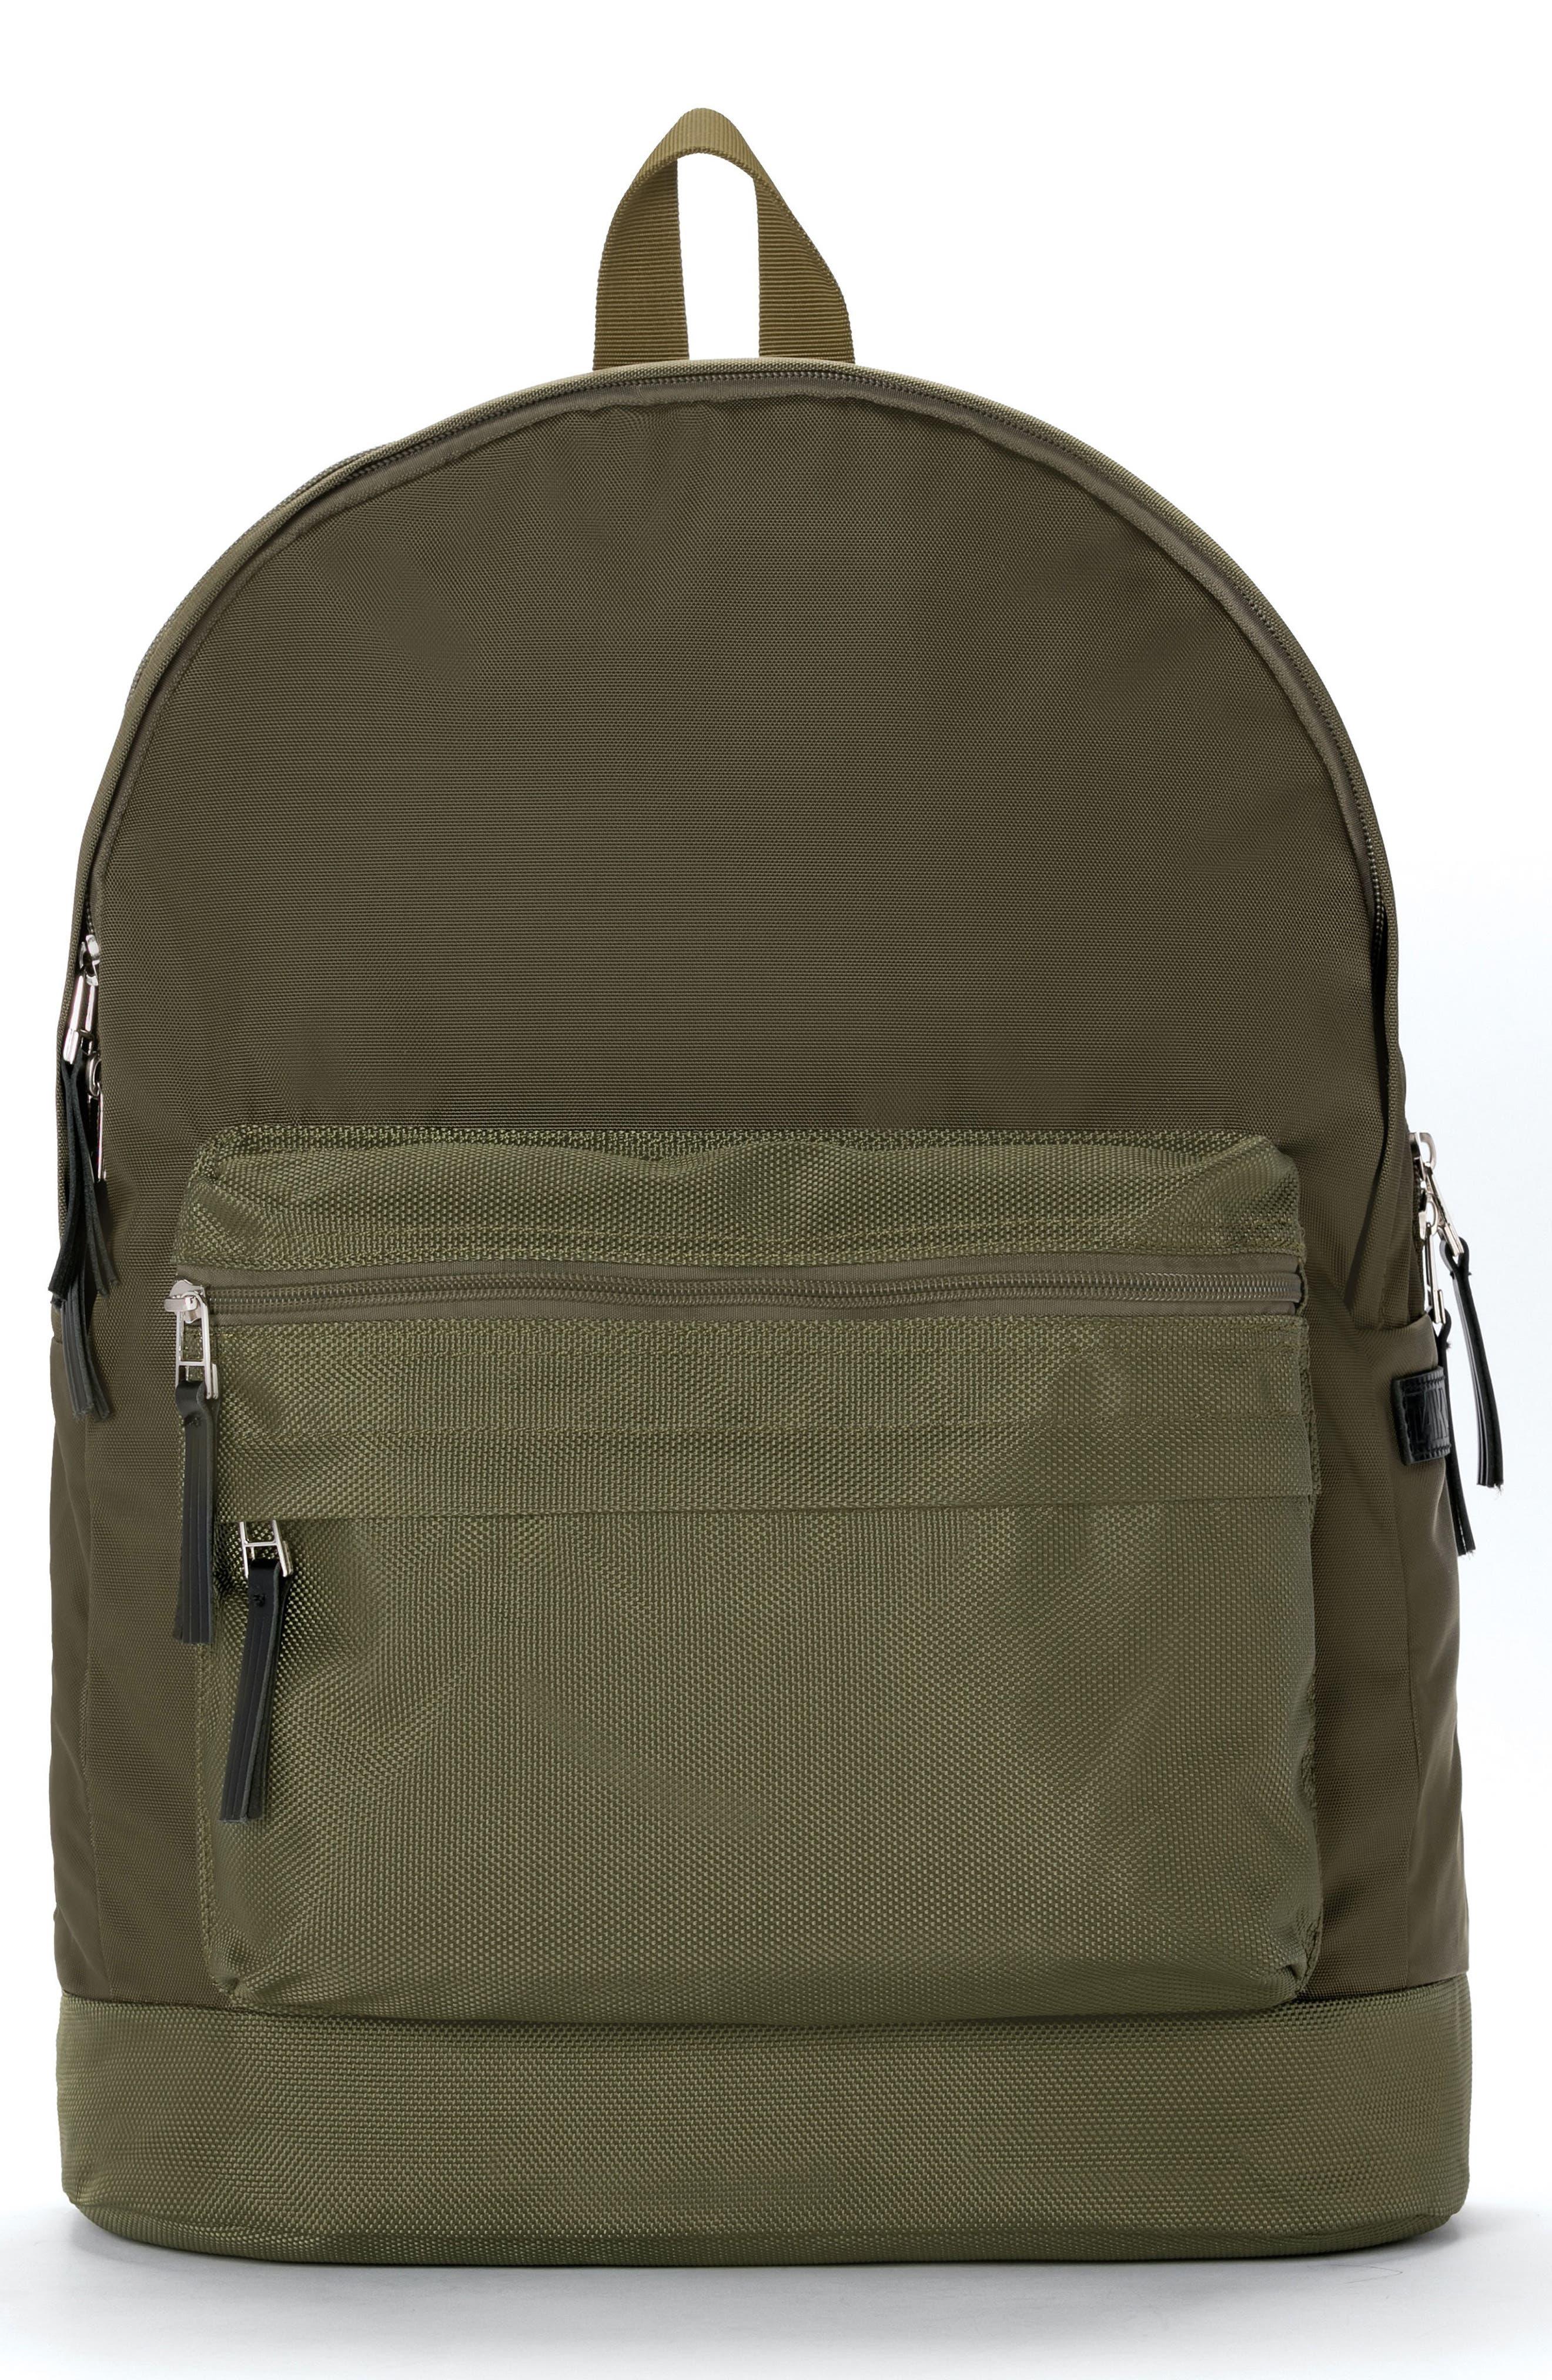 Lancer Backpack,                             Main thumbnail 1, color,                             Olive